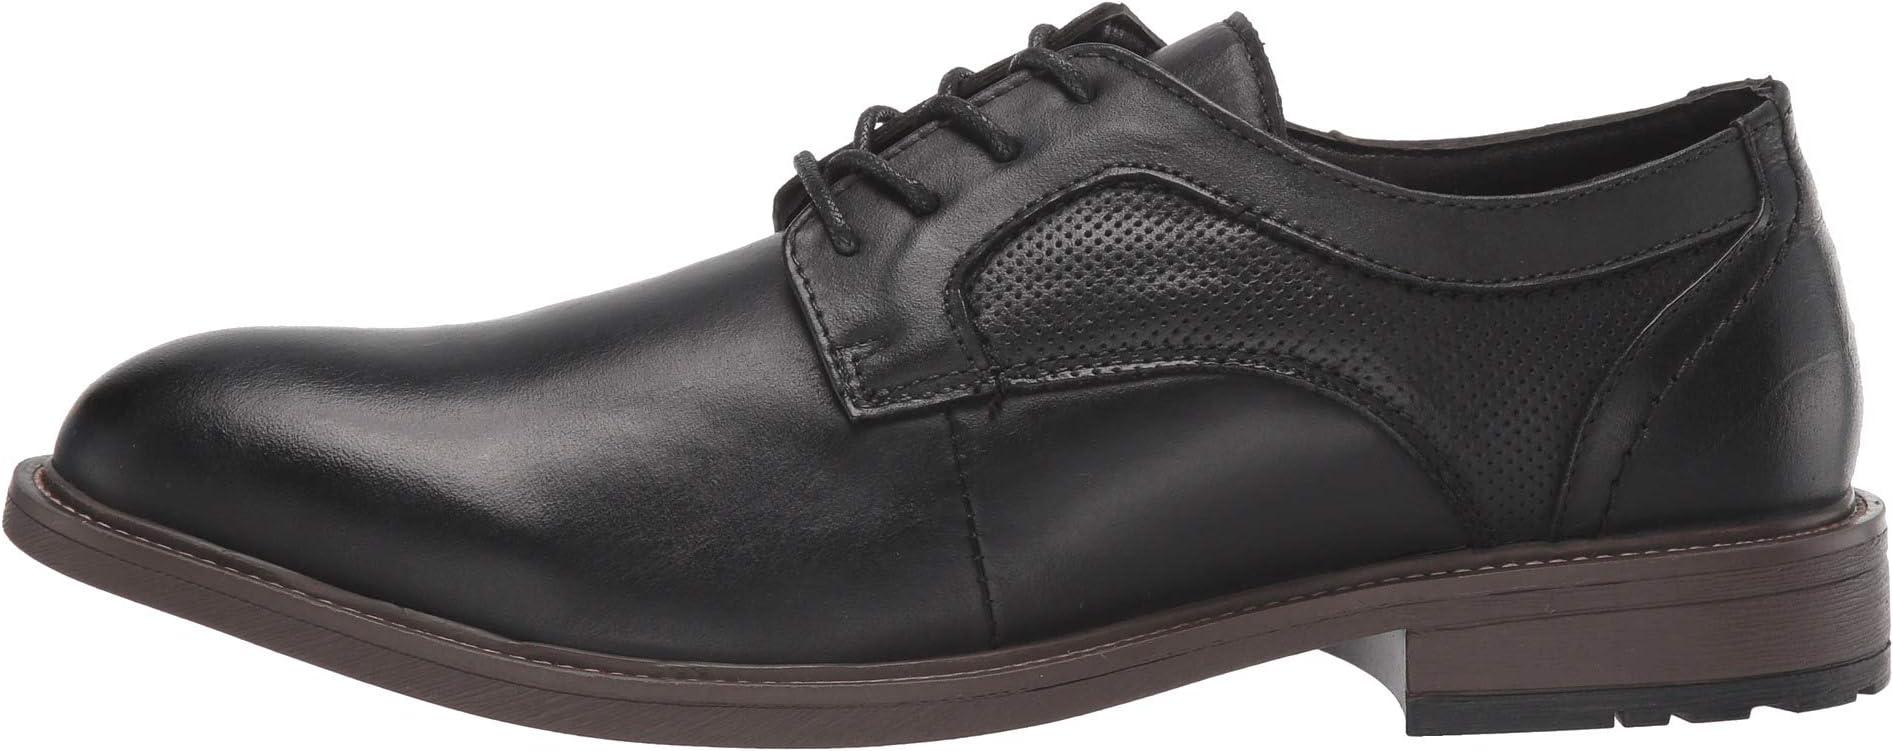 English Laundry Seth | Men's shoes | 2020 Newest